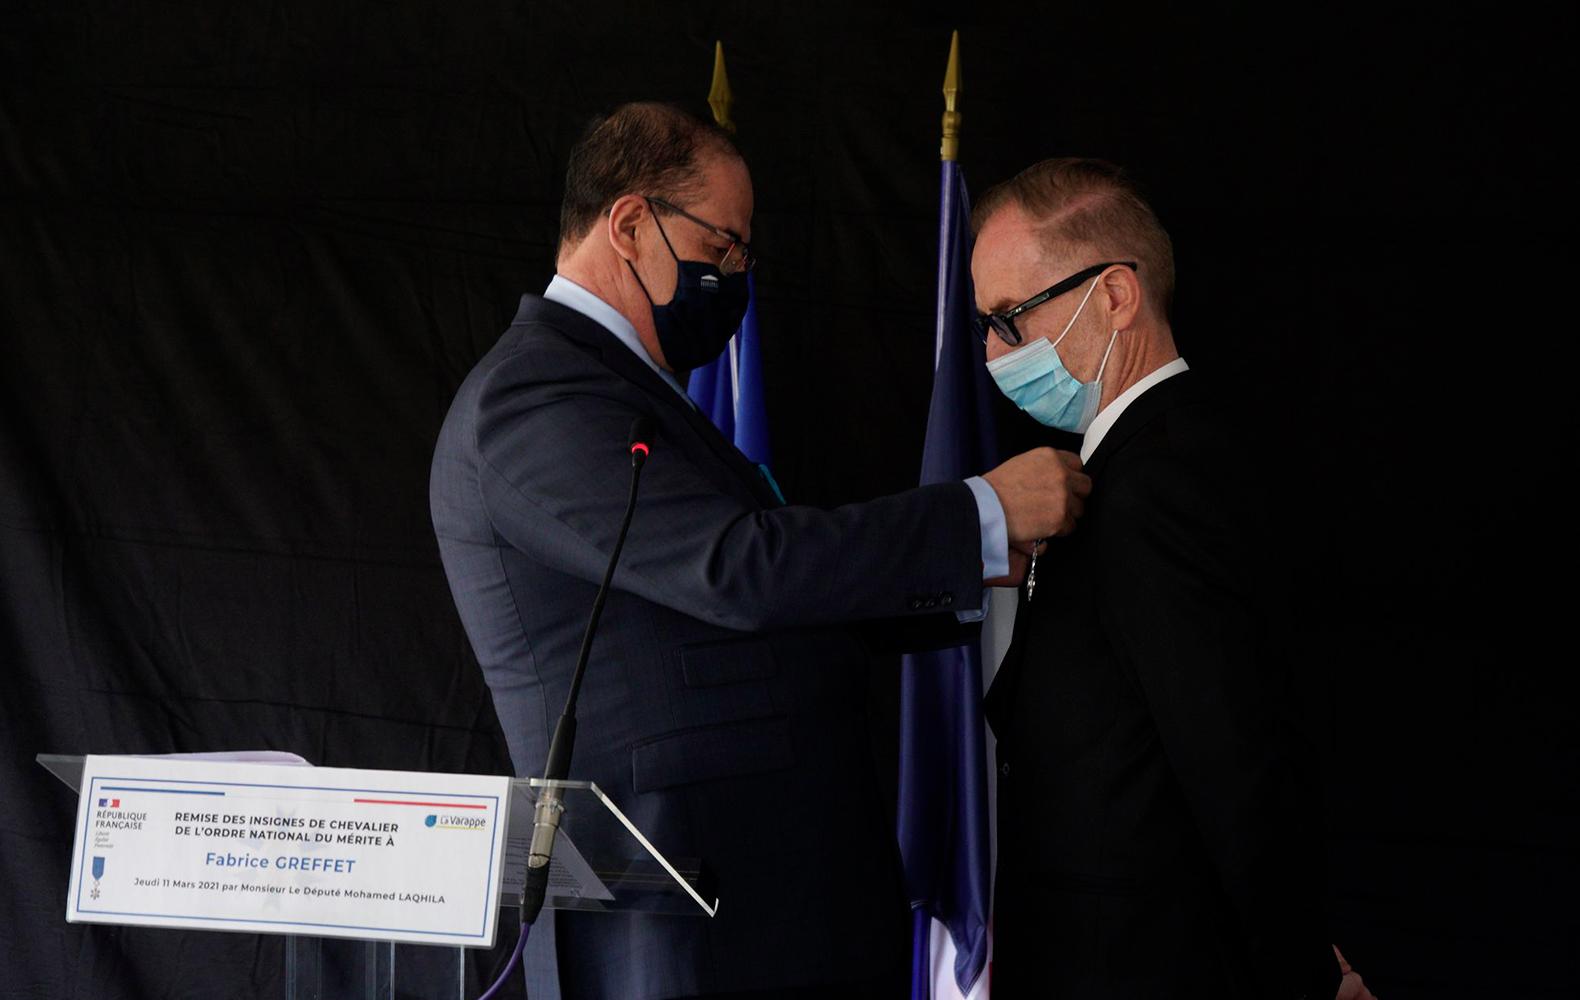 Remise de l'Ordre National du Mérite à Fabrice Greffet